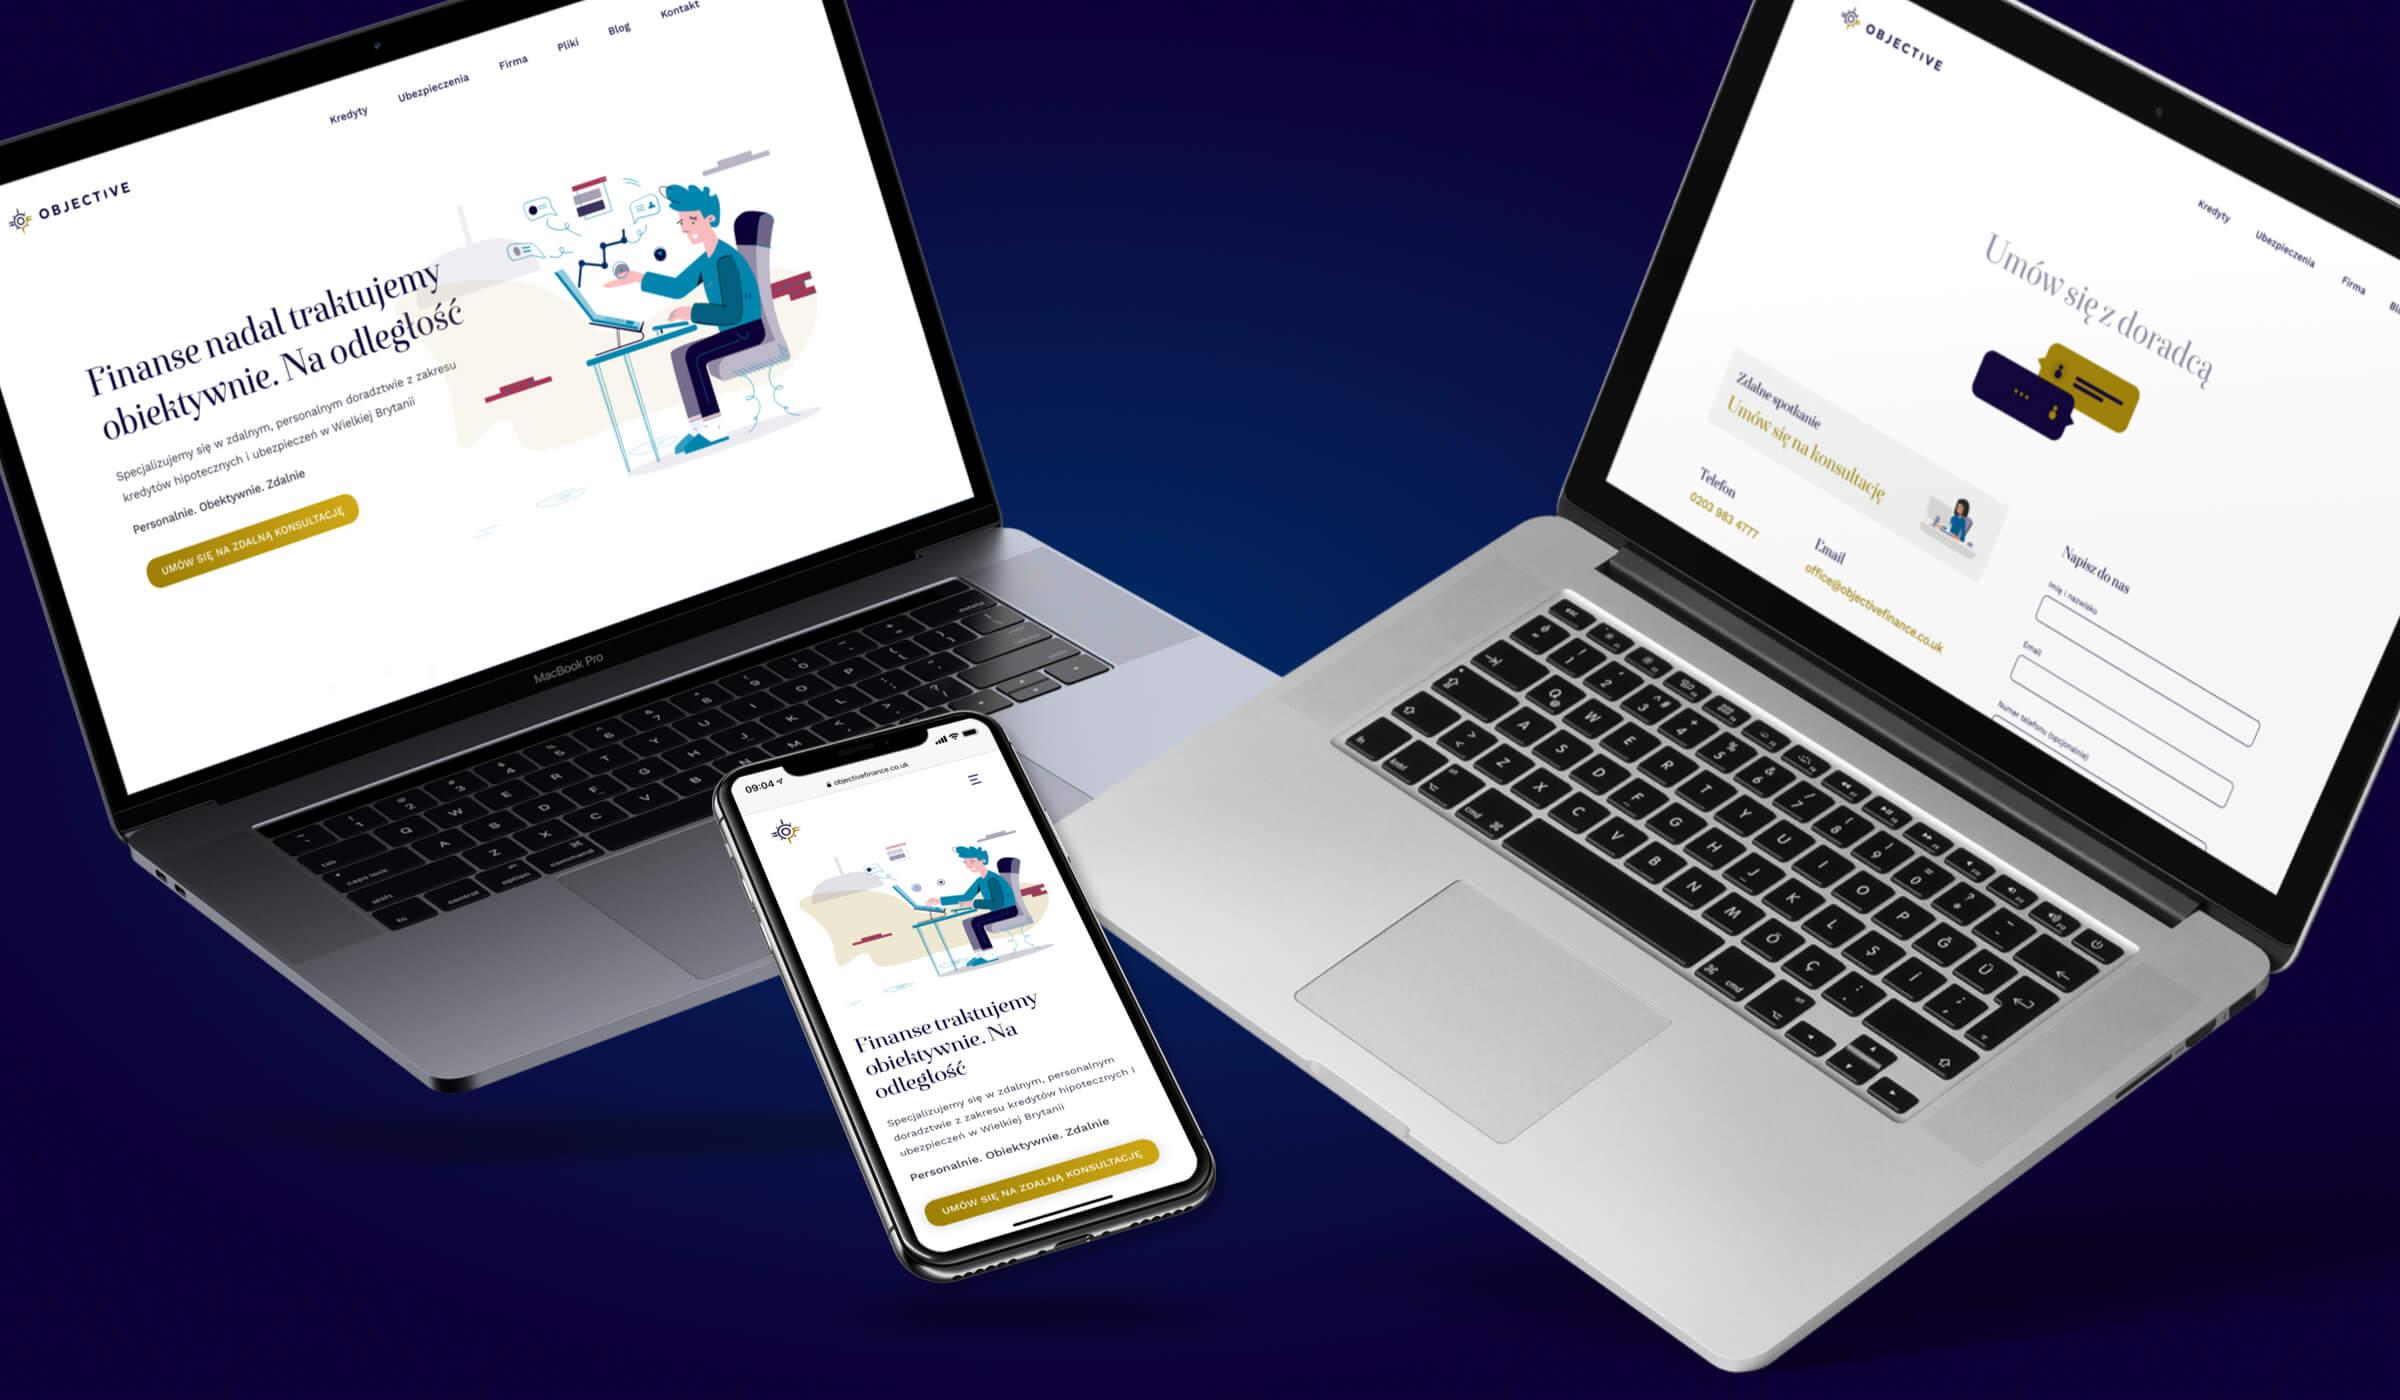 prezentacja responsywnej strony Objective Finance na komputerze i telefonie,